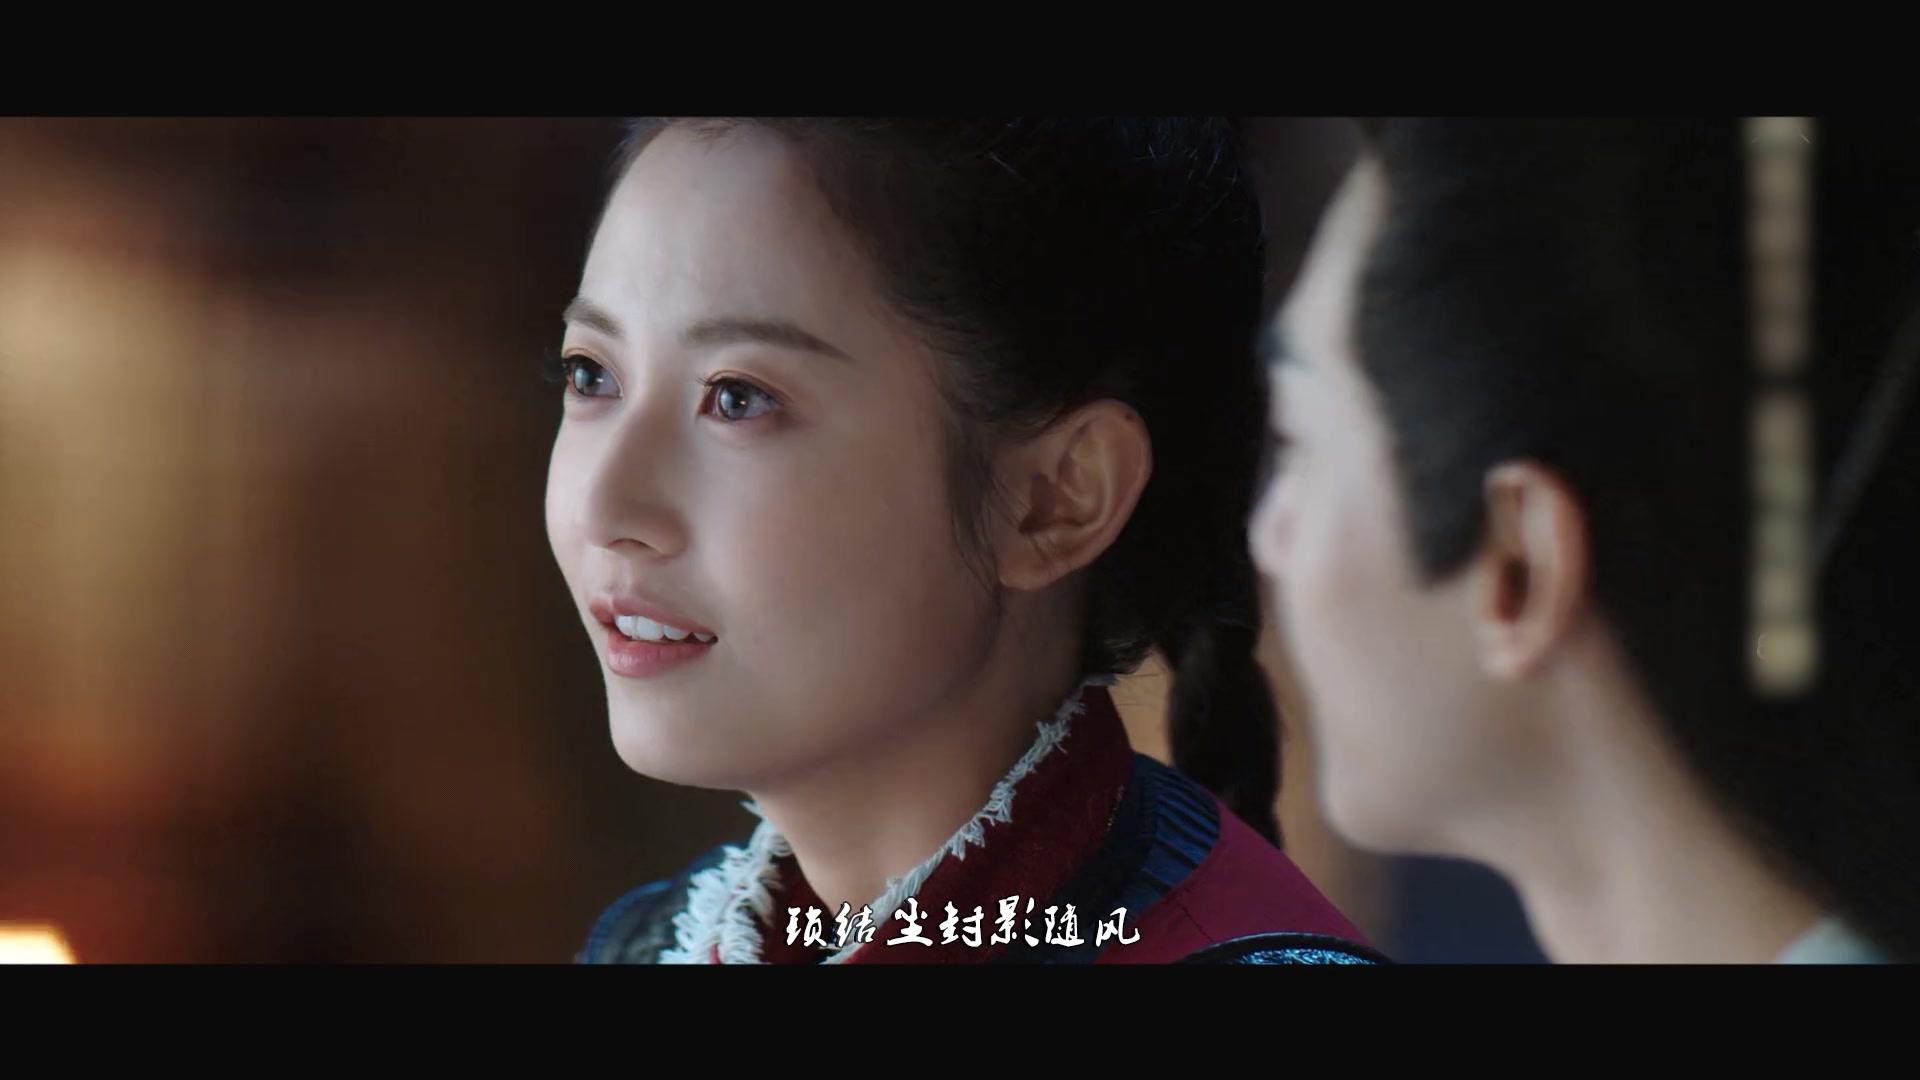 #追剧不能停#《缘落》打开《月上重火》罗云熙陈钰琪太甜了